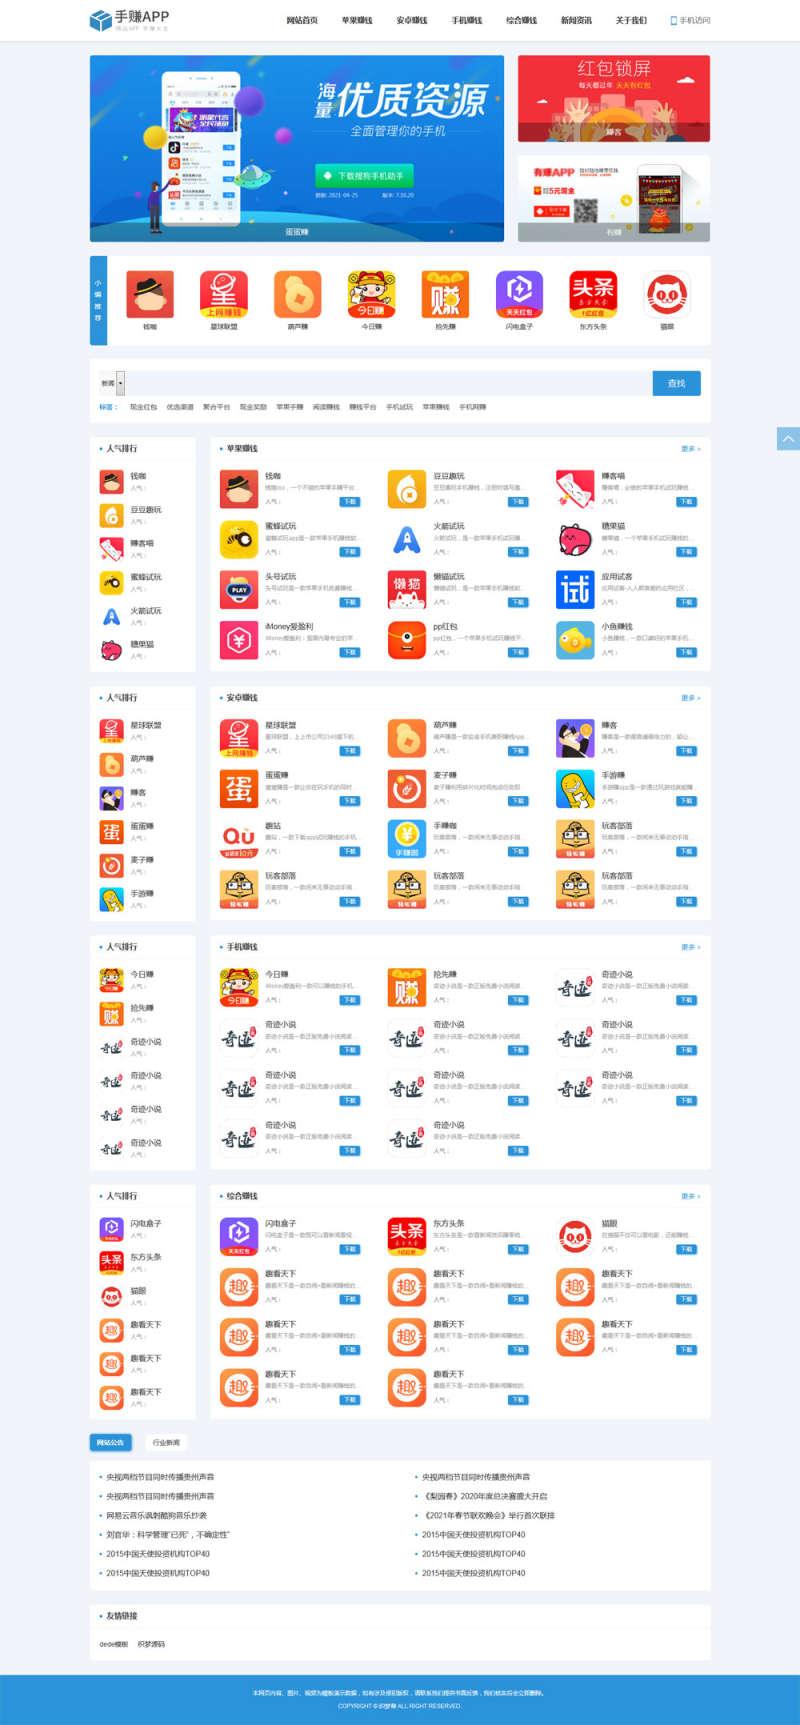 手机软件app下载网页织梦模板插图